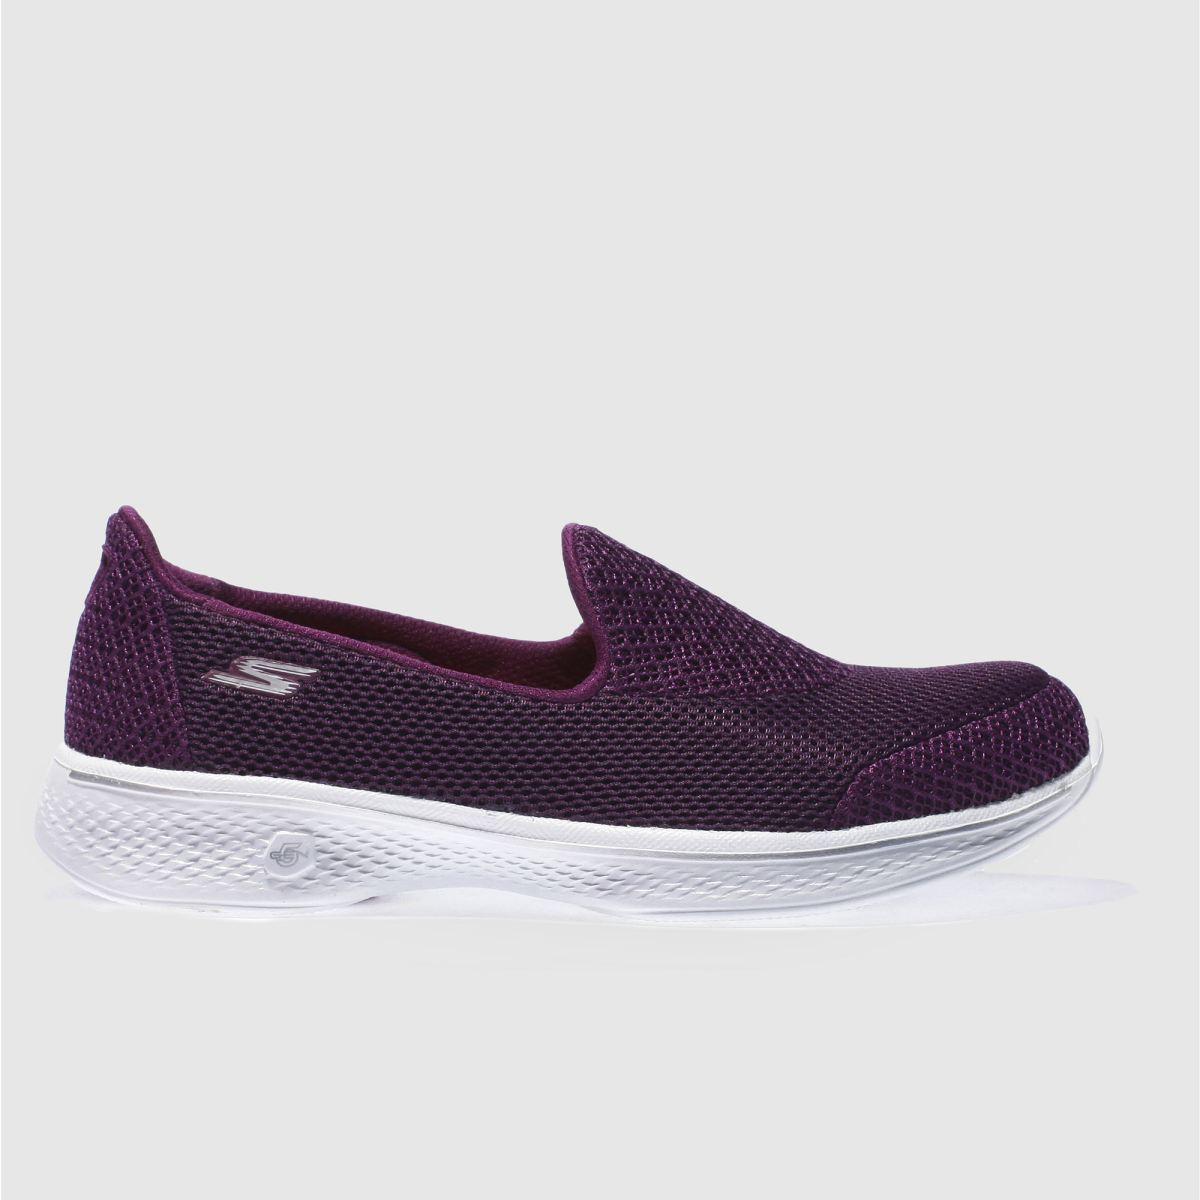 skechers purple go walk 4 propel trainers